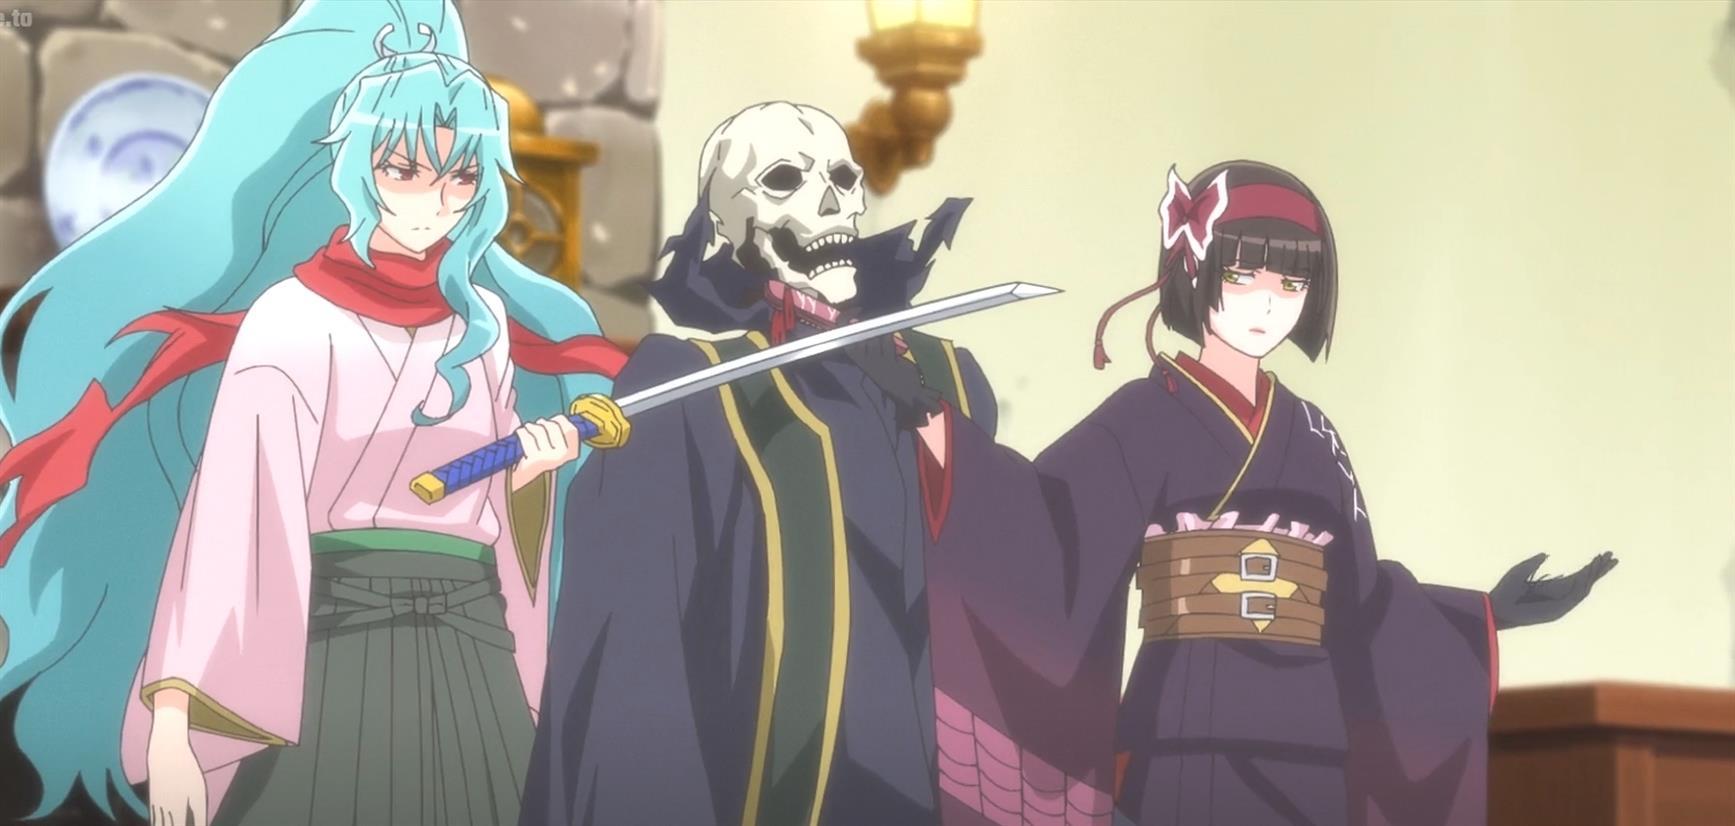 Tsukimichi Moonlit Fantasy Episode 11 Was ist zu erwarten icHi4REB 1 1